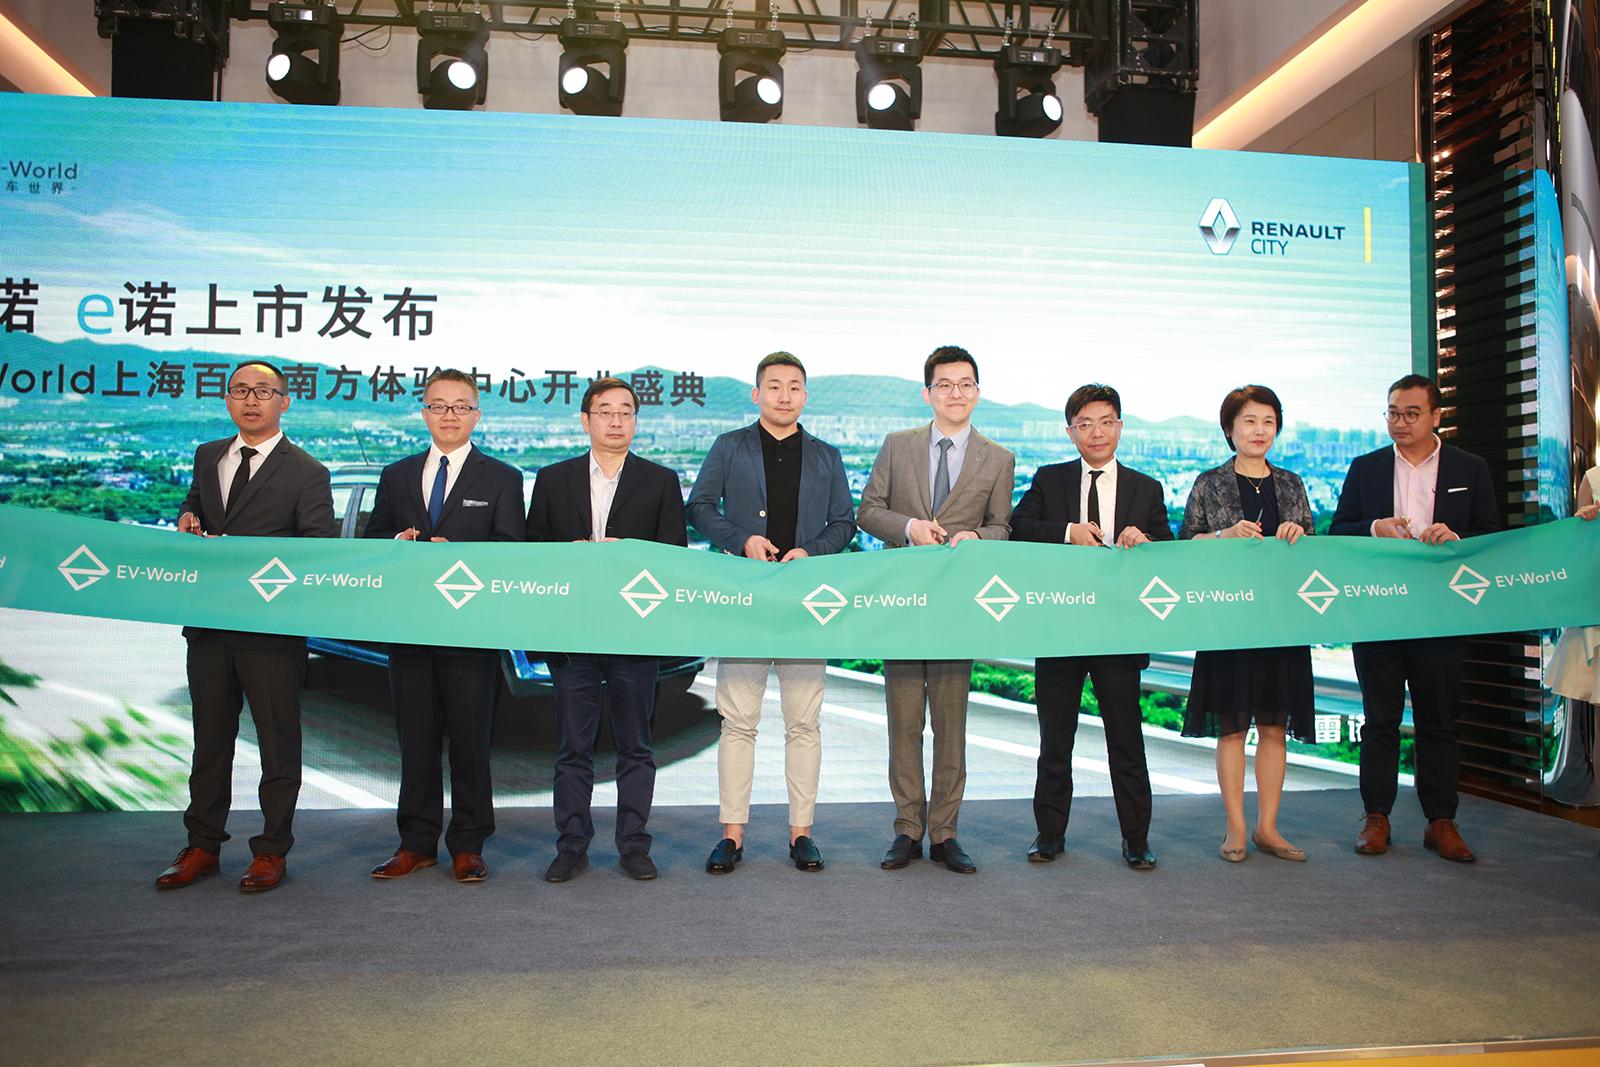 雷诺 e诺上市预售暨EV-World上海百联南方体验中心开业